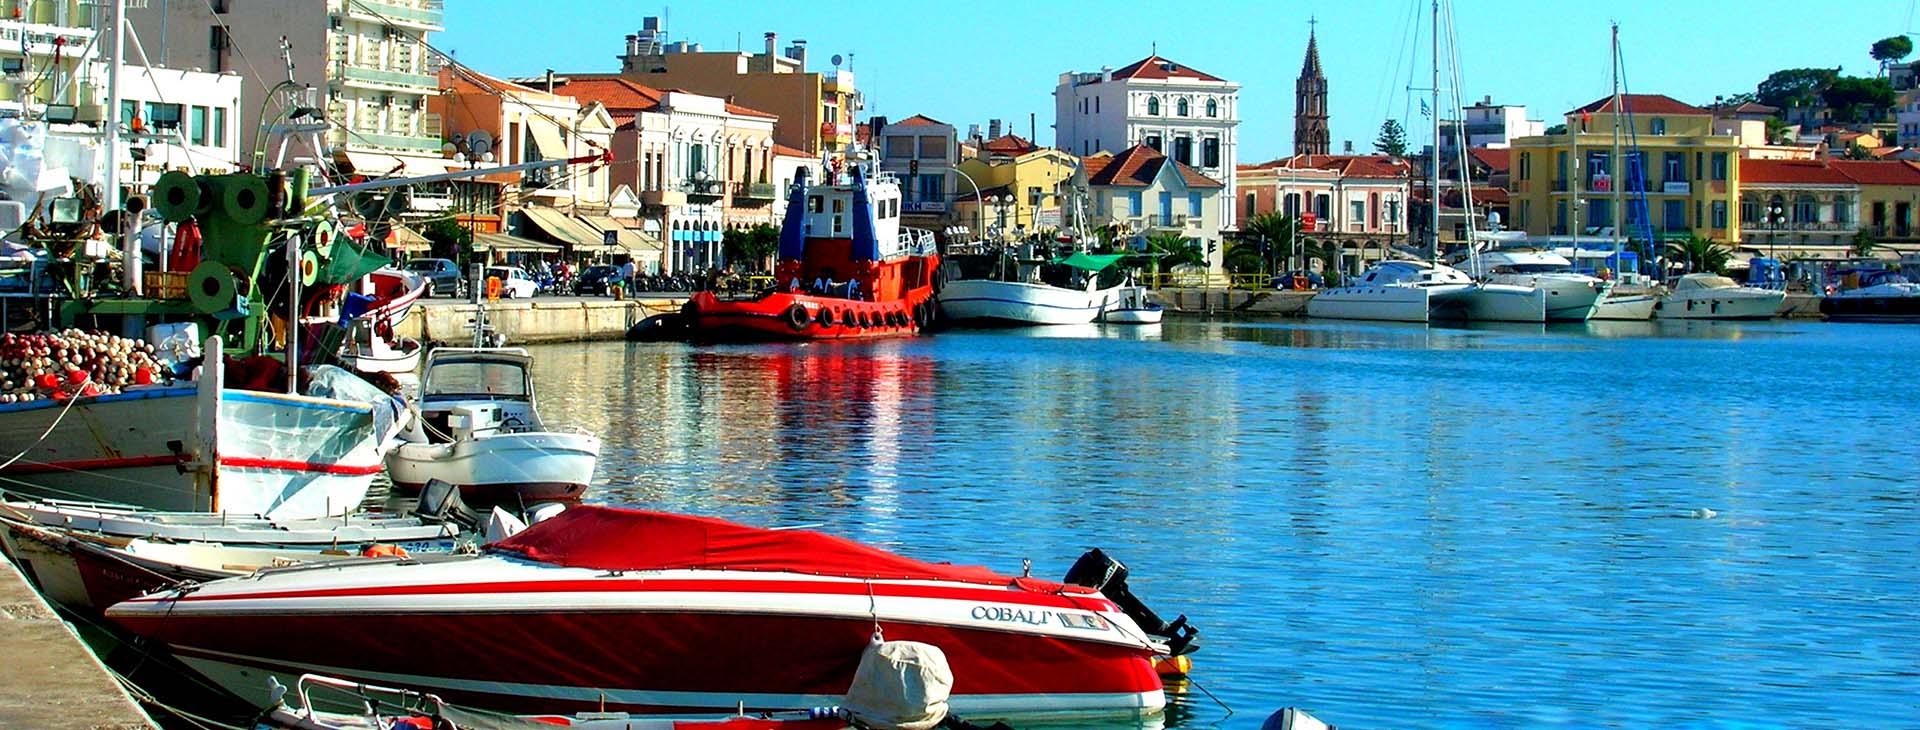 Mytilene harbour, Lesvos island